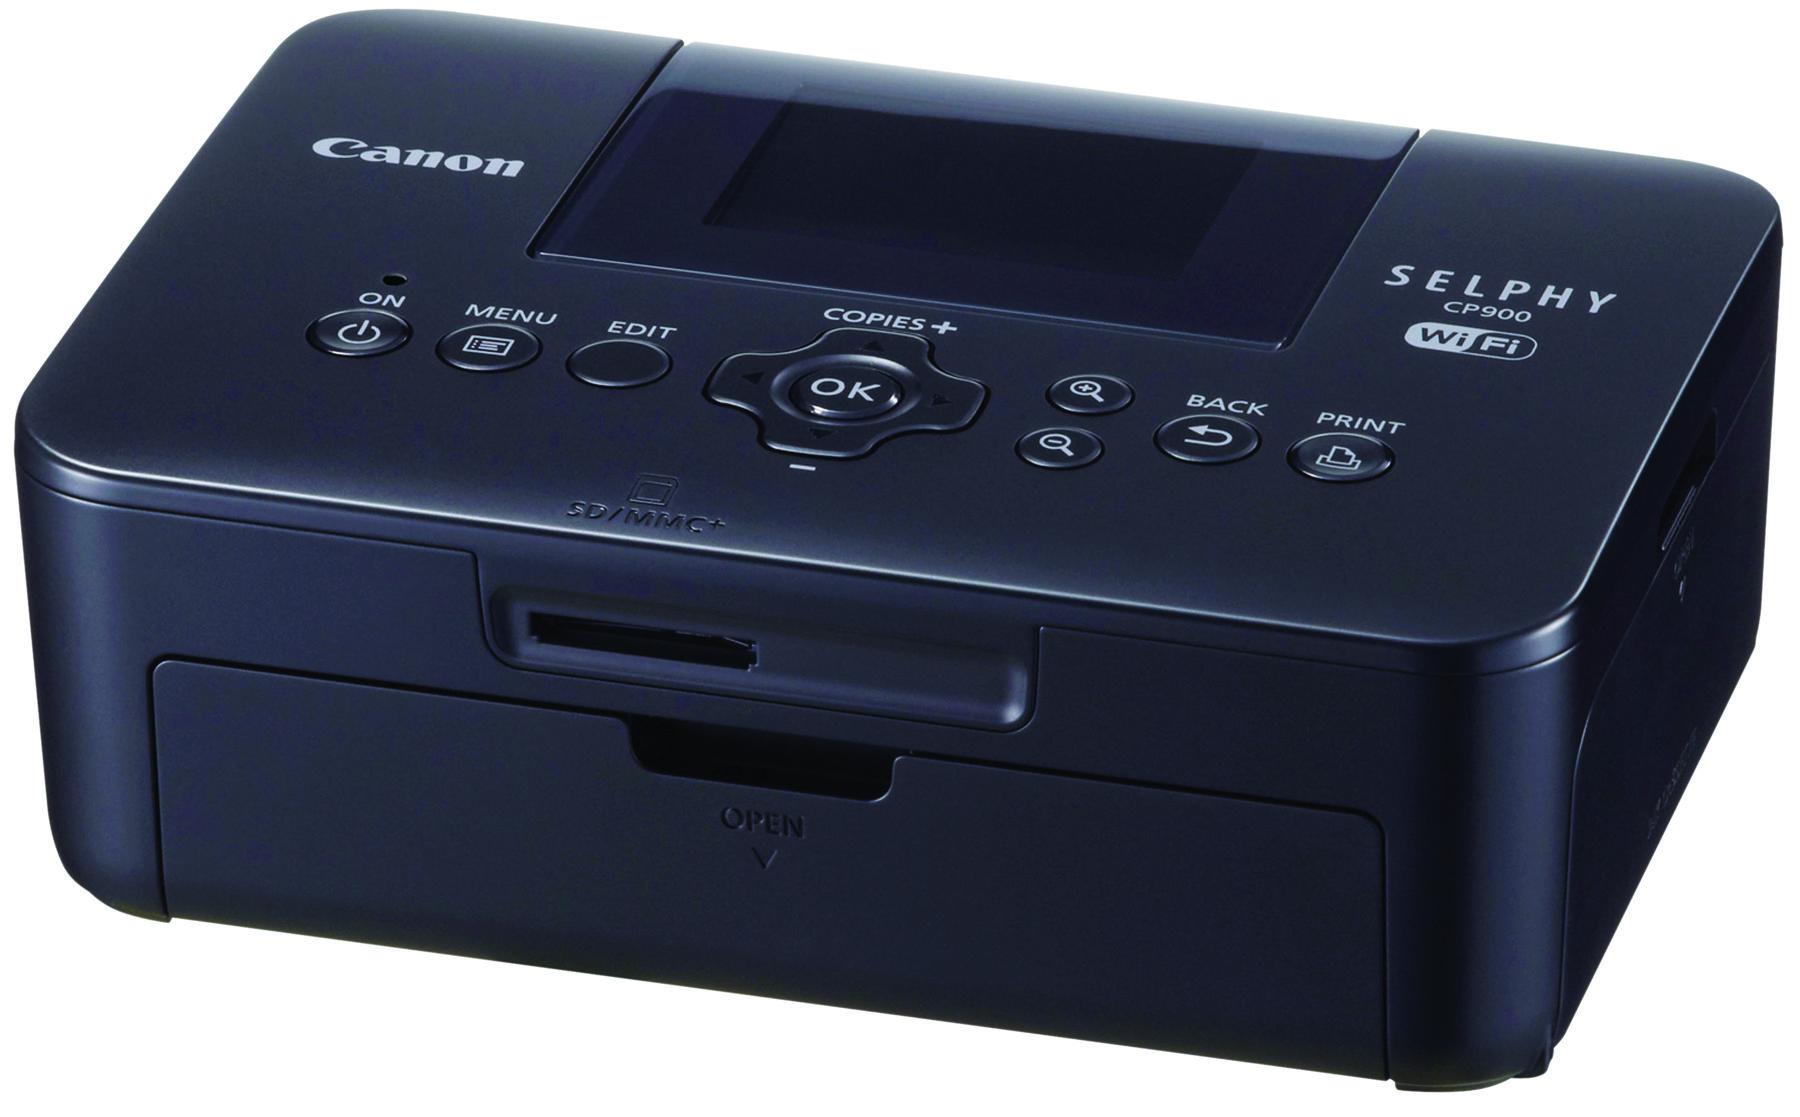 Canon cp900 photo printer compact photo printer printer